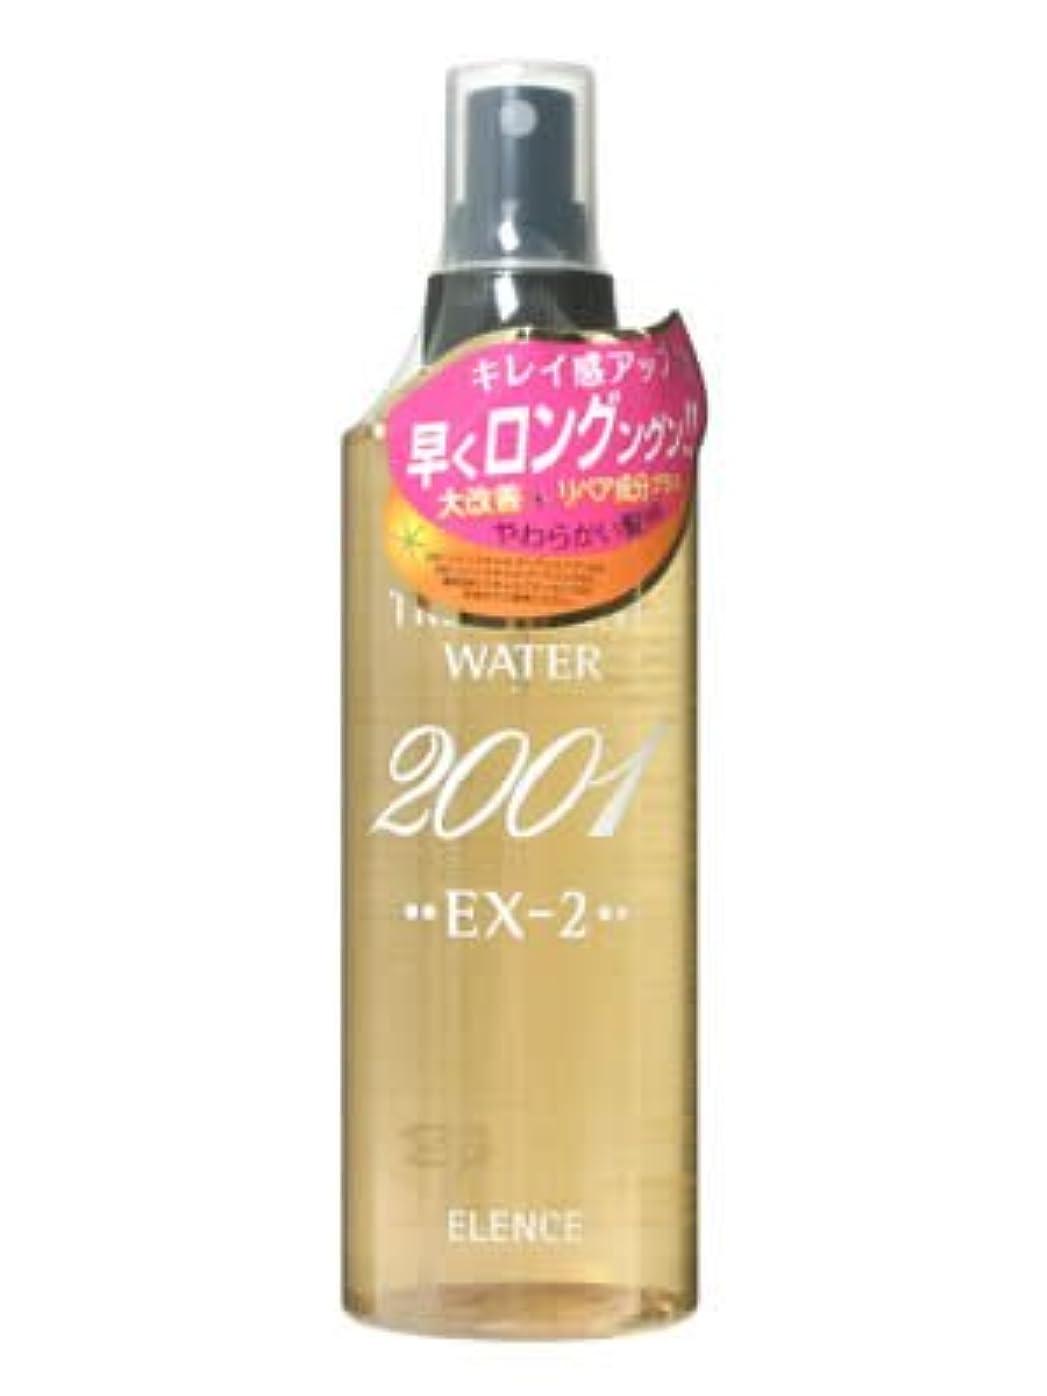 金曜日富豪面エレンス2001 スキャルプトリートメントウォーターEX-2(やわらかい髪用)